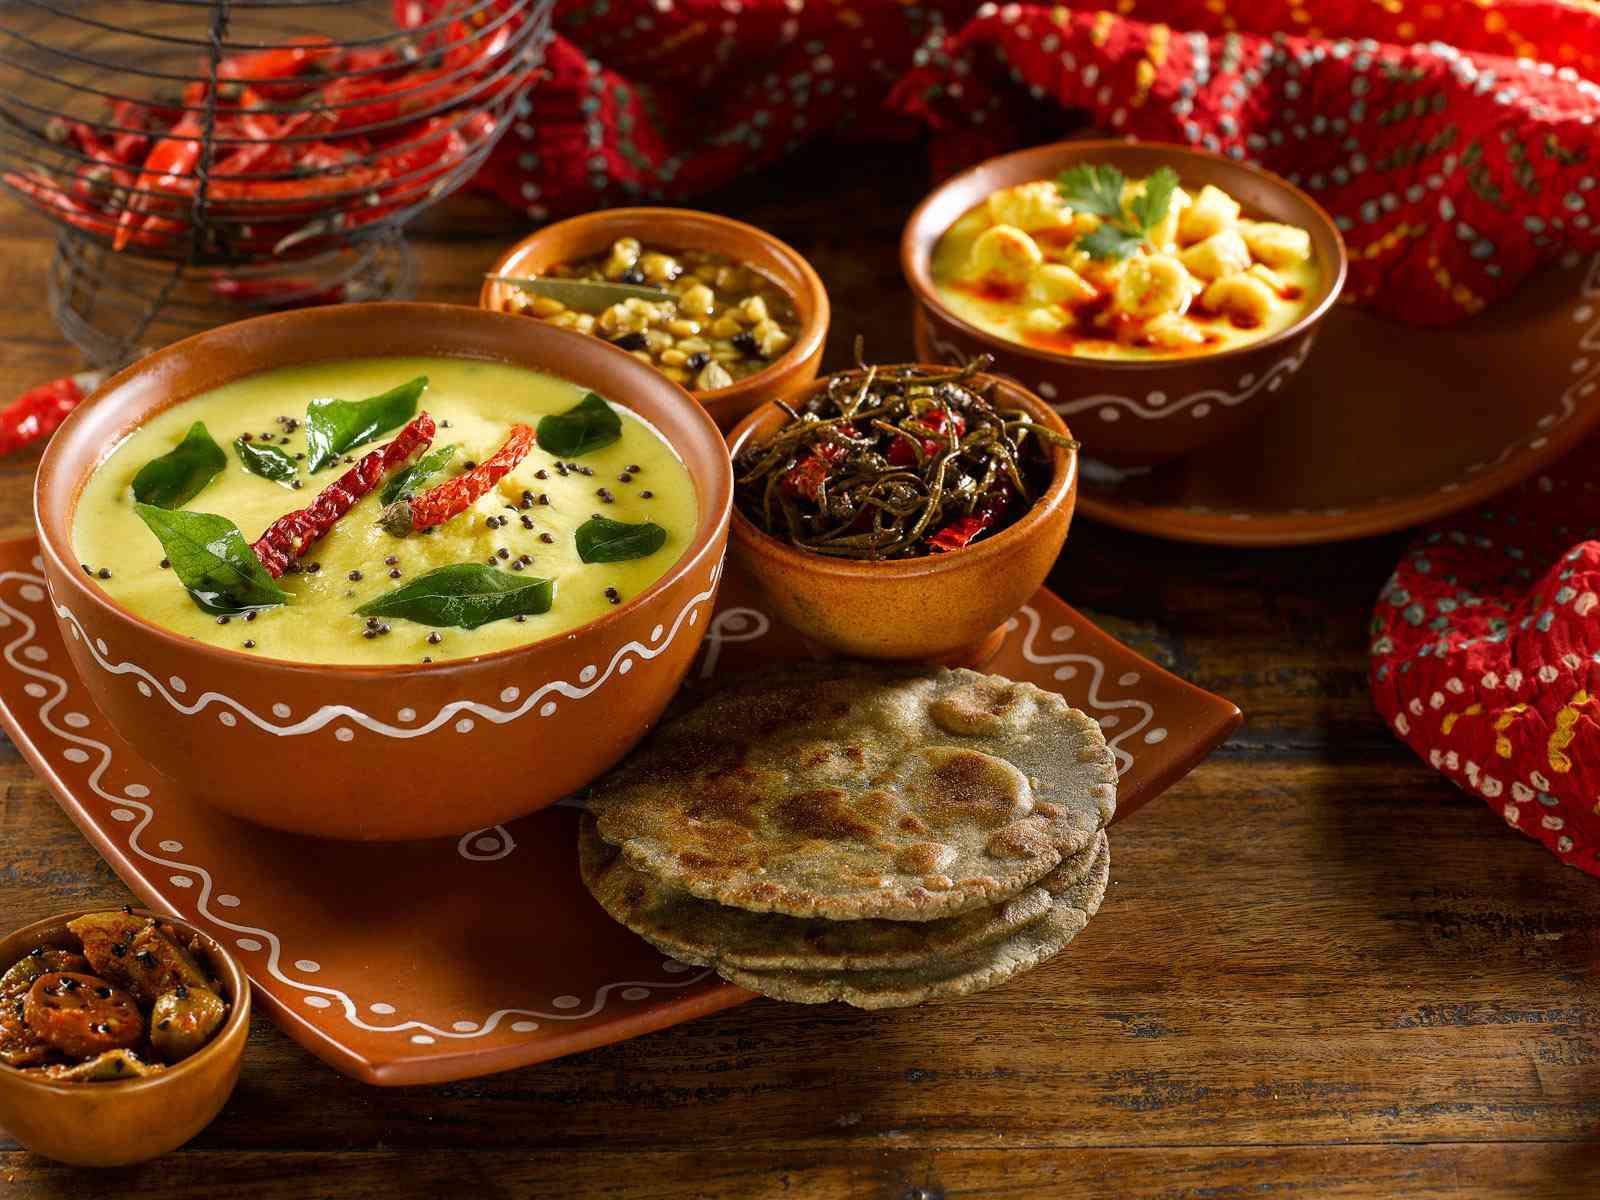 Rajasthani Food Platter